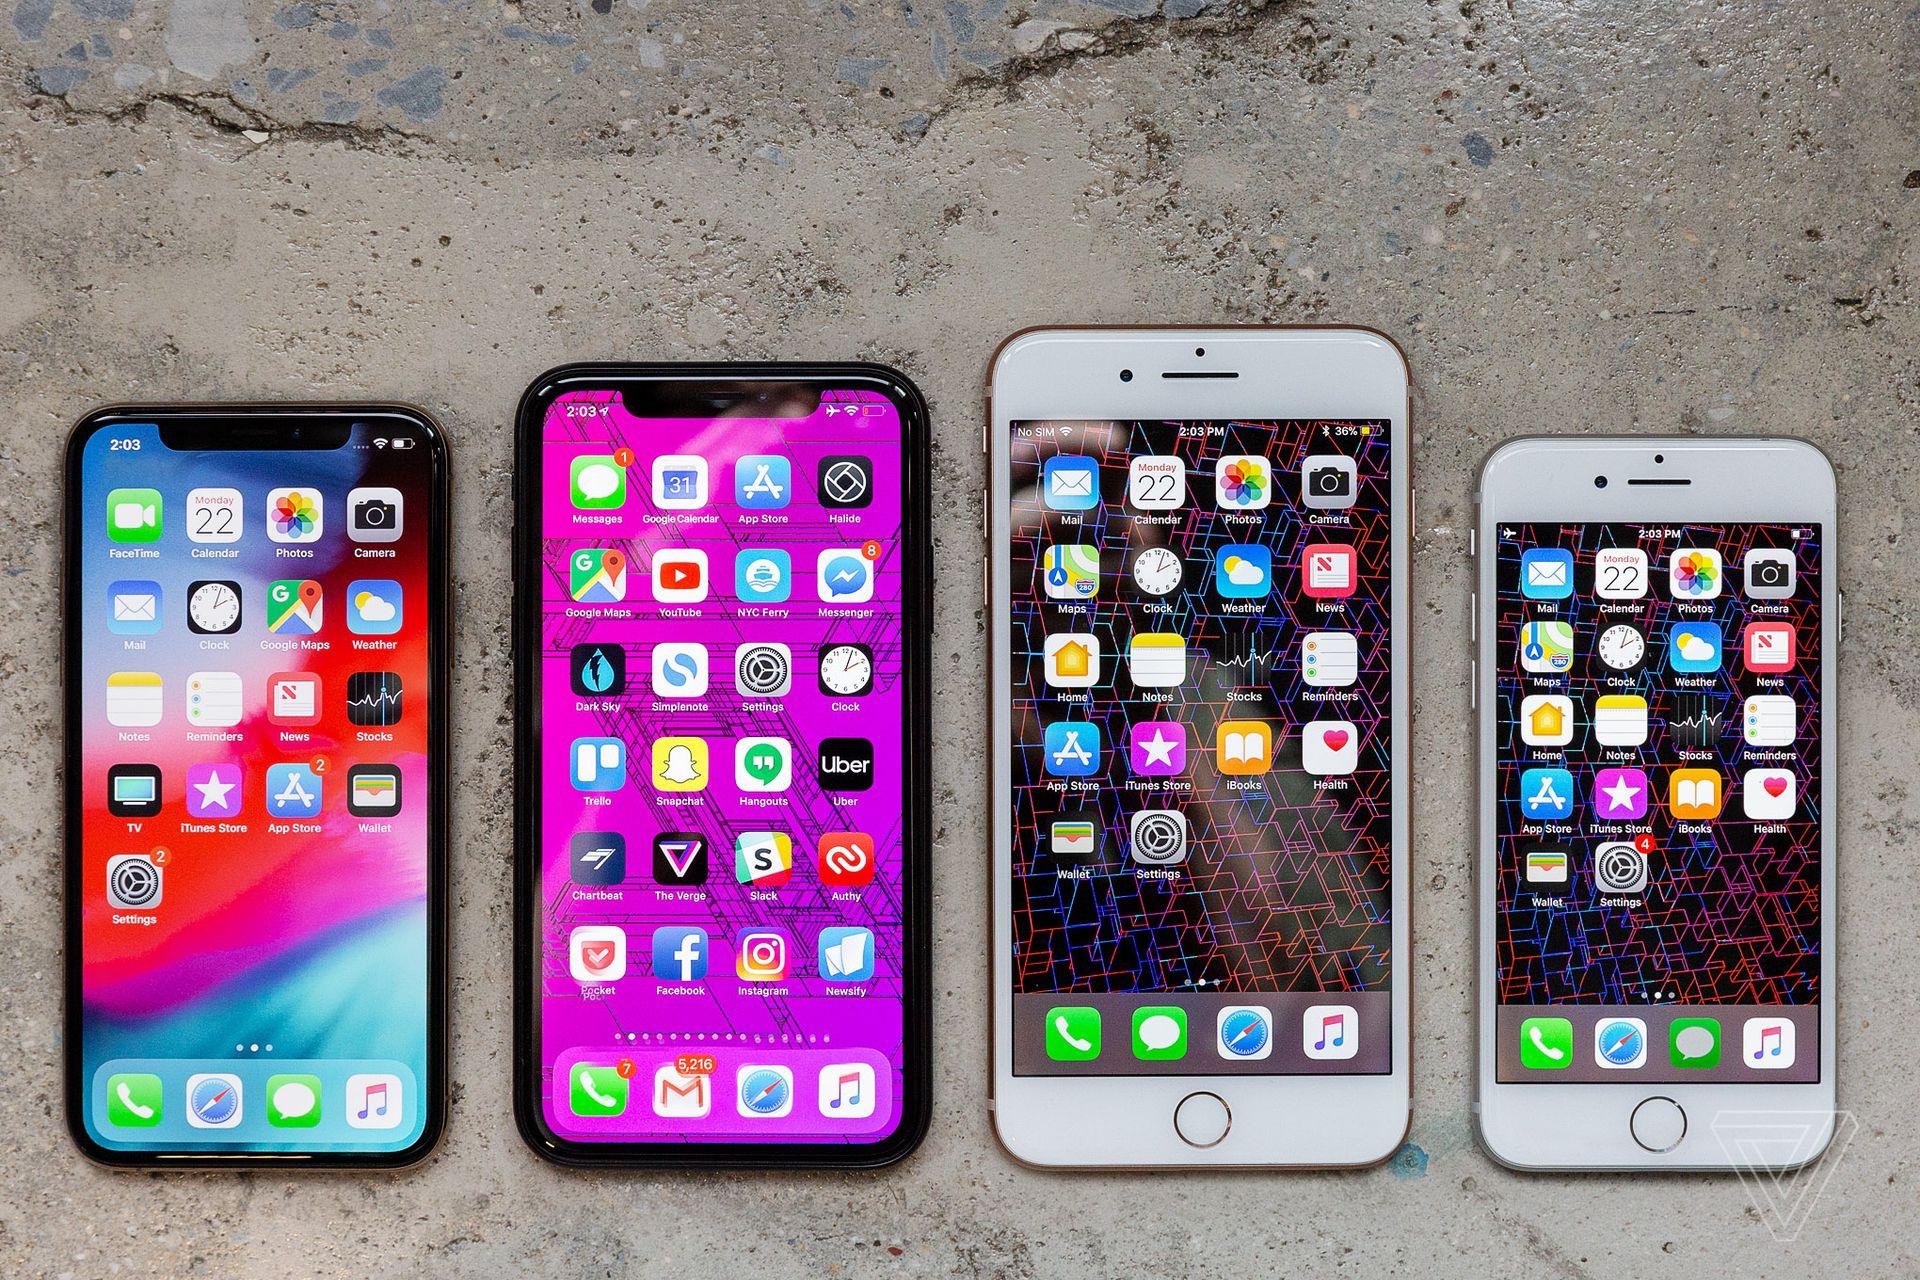 Les sous-traitants d'Apple souffrent : plus grosse baisse en 10 ans, demande chinoise en chute libre 1